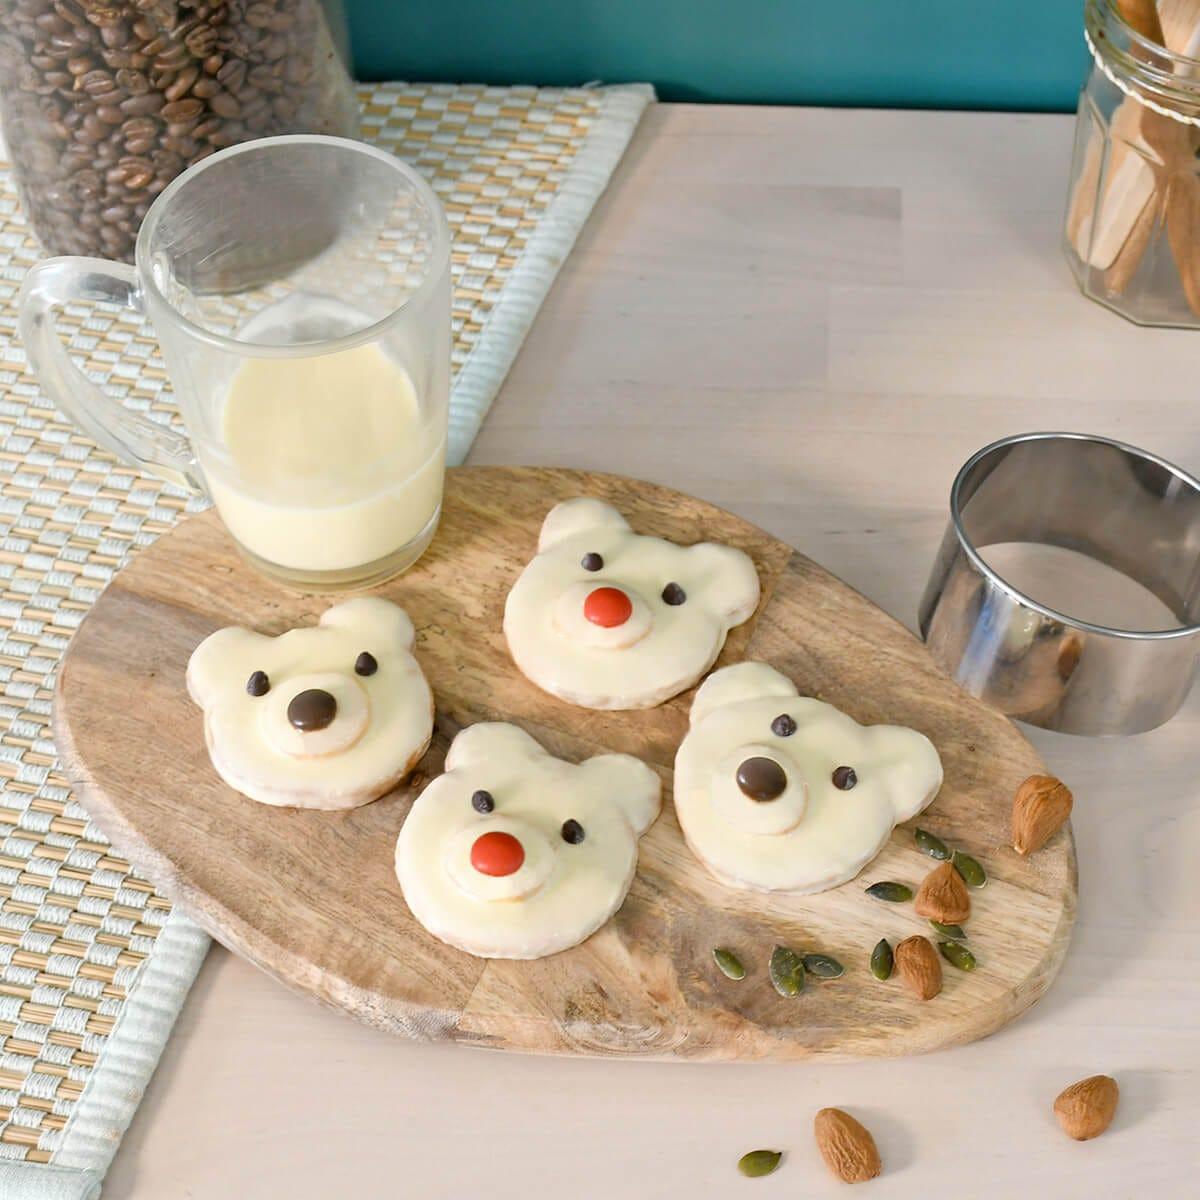 Realizzate facilmente questi adorabili dolcetti a forma di orso polare, per proporre una merenda originale e golosa ai vostri bambini.